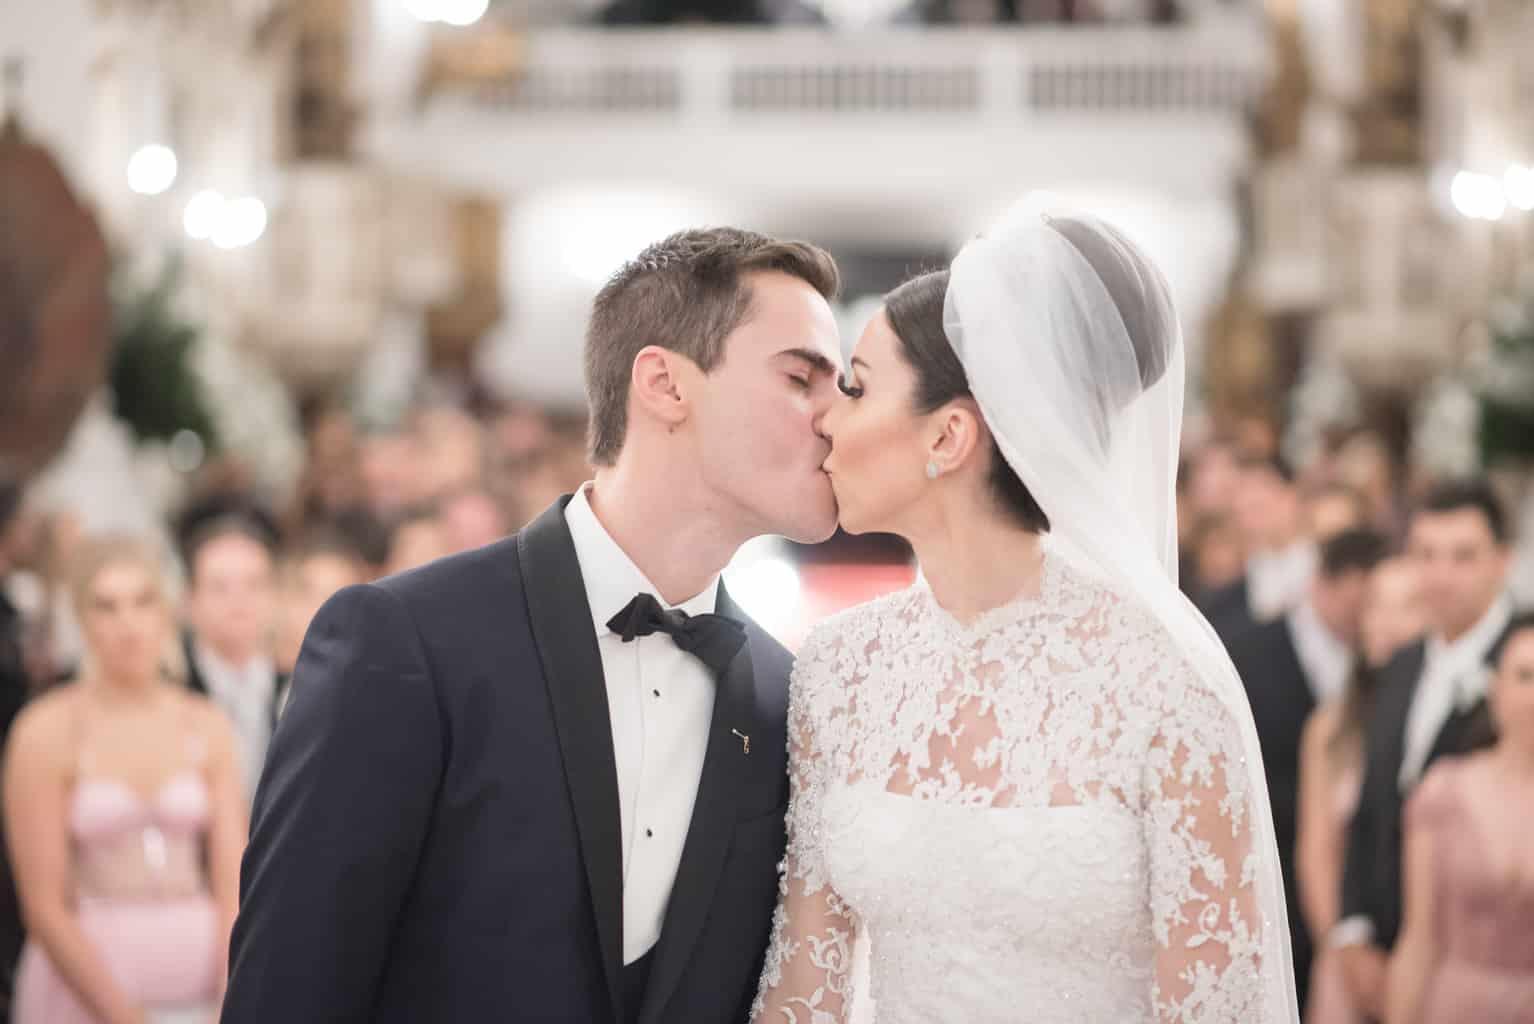 casamento-Patricia-e-Thiago-Igreja-Nossa-Senhora-do-Bonsucesso-Paula-Rocha-Marina-Fava-Cerimonia1075-Patricia-e-Thiago-WAL_4151